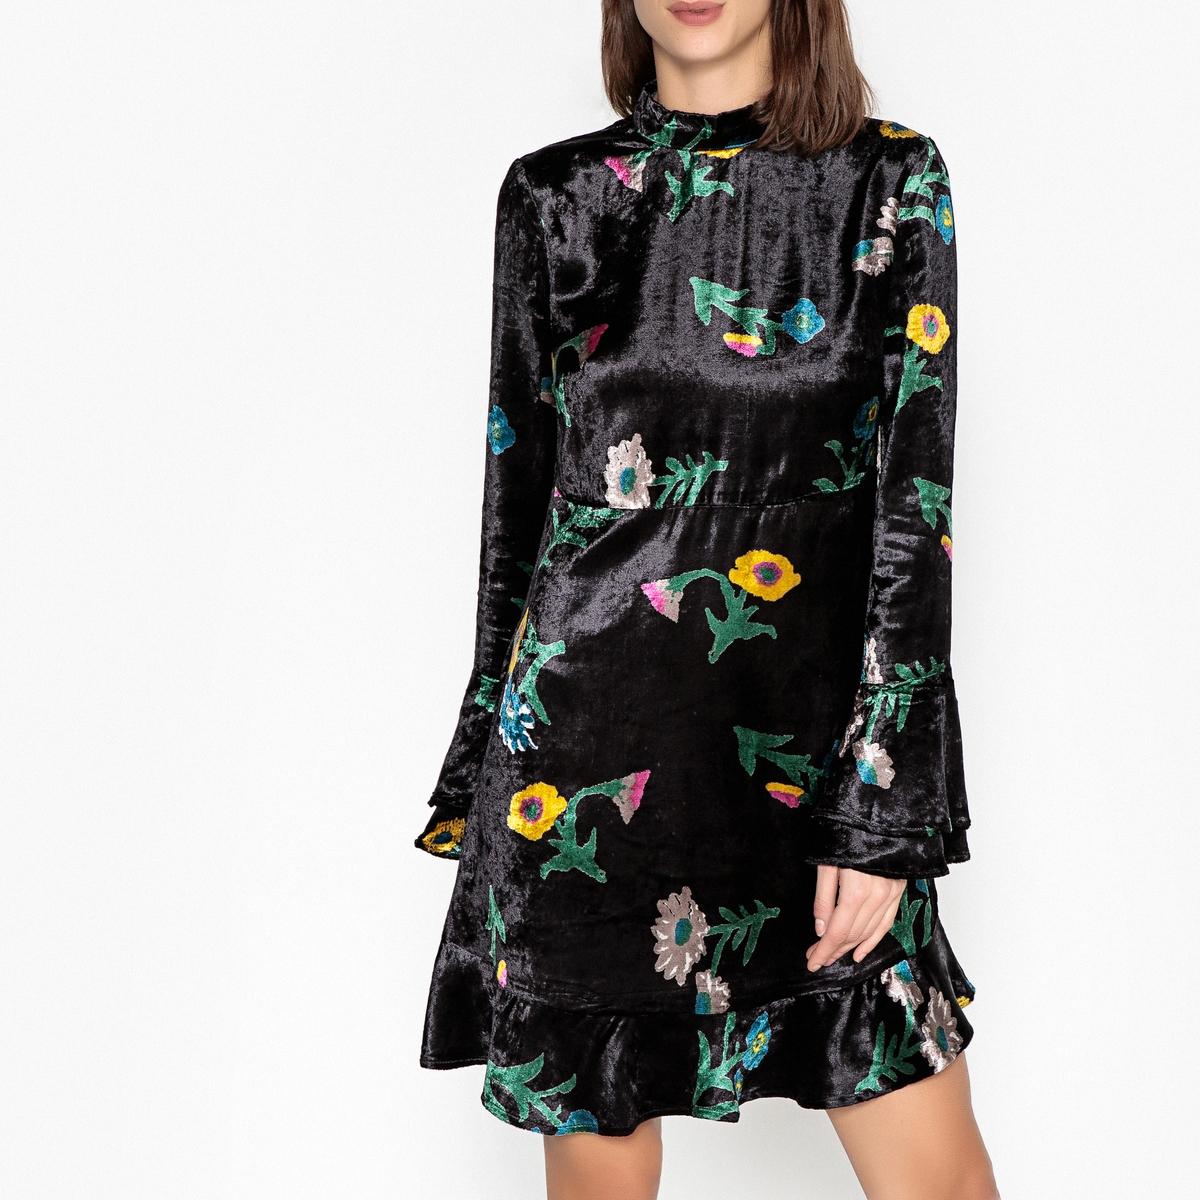 Платье с цветочным рисунком и длинными рукавами из велюра ROMEO платье с запахом длинными рукавами и цветочным рисунком